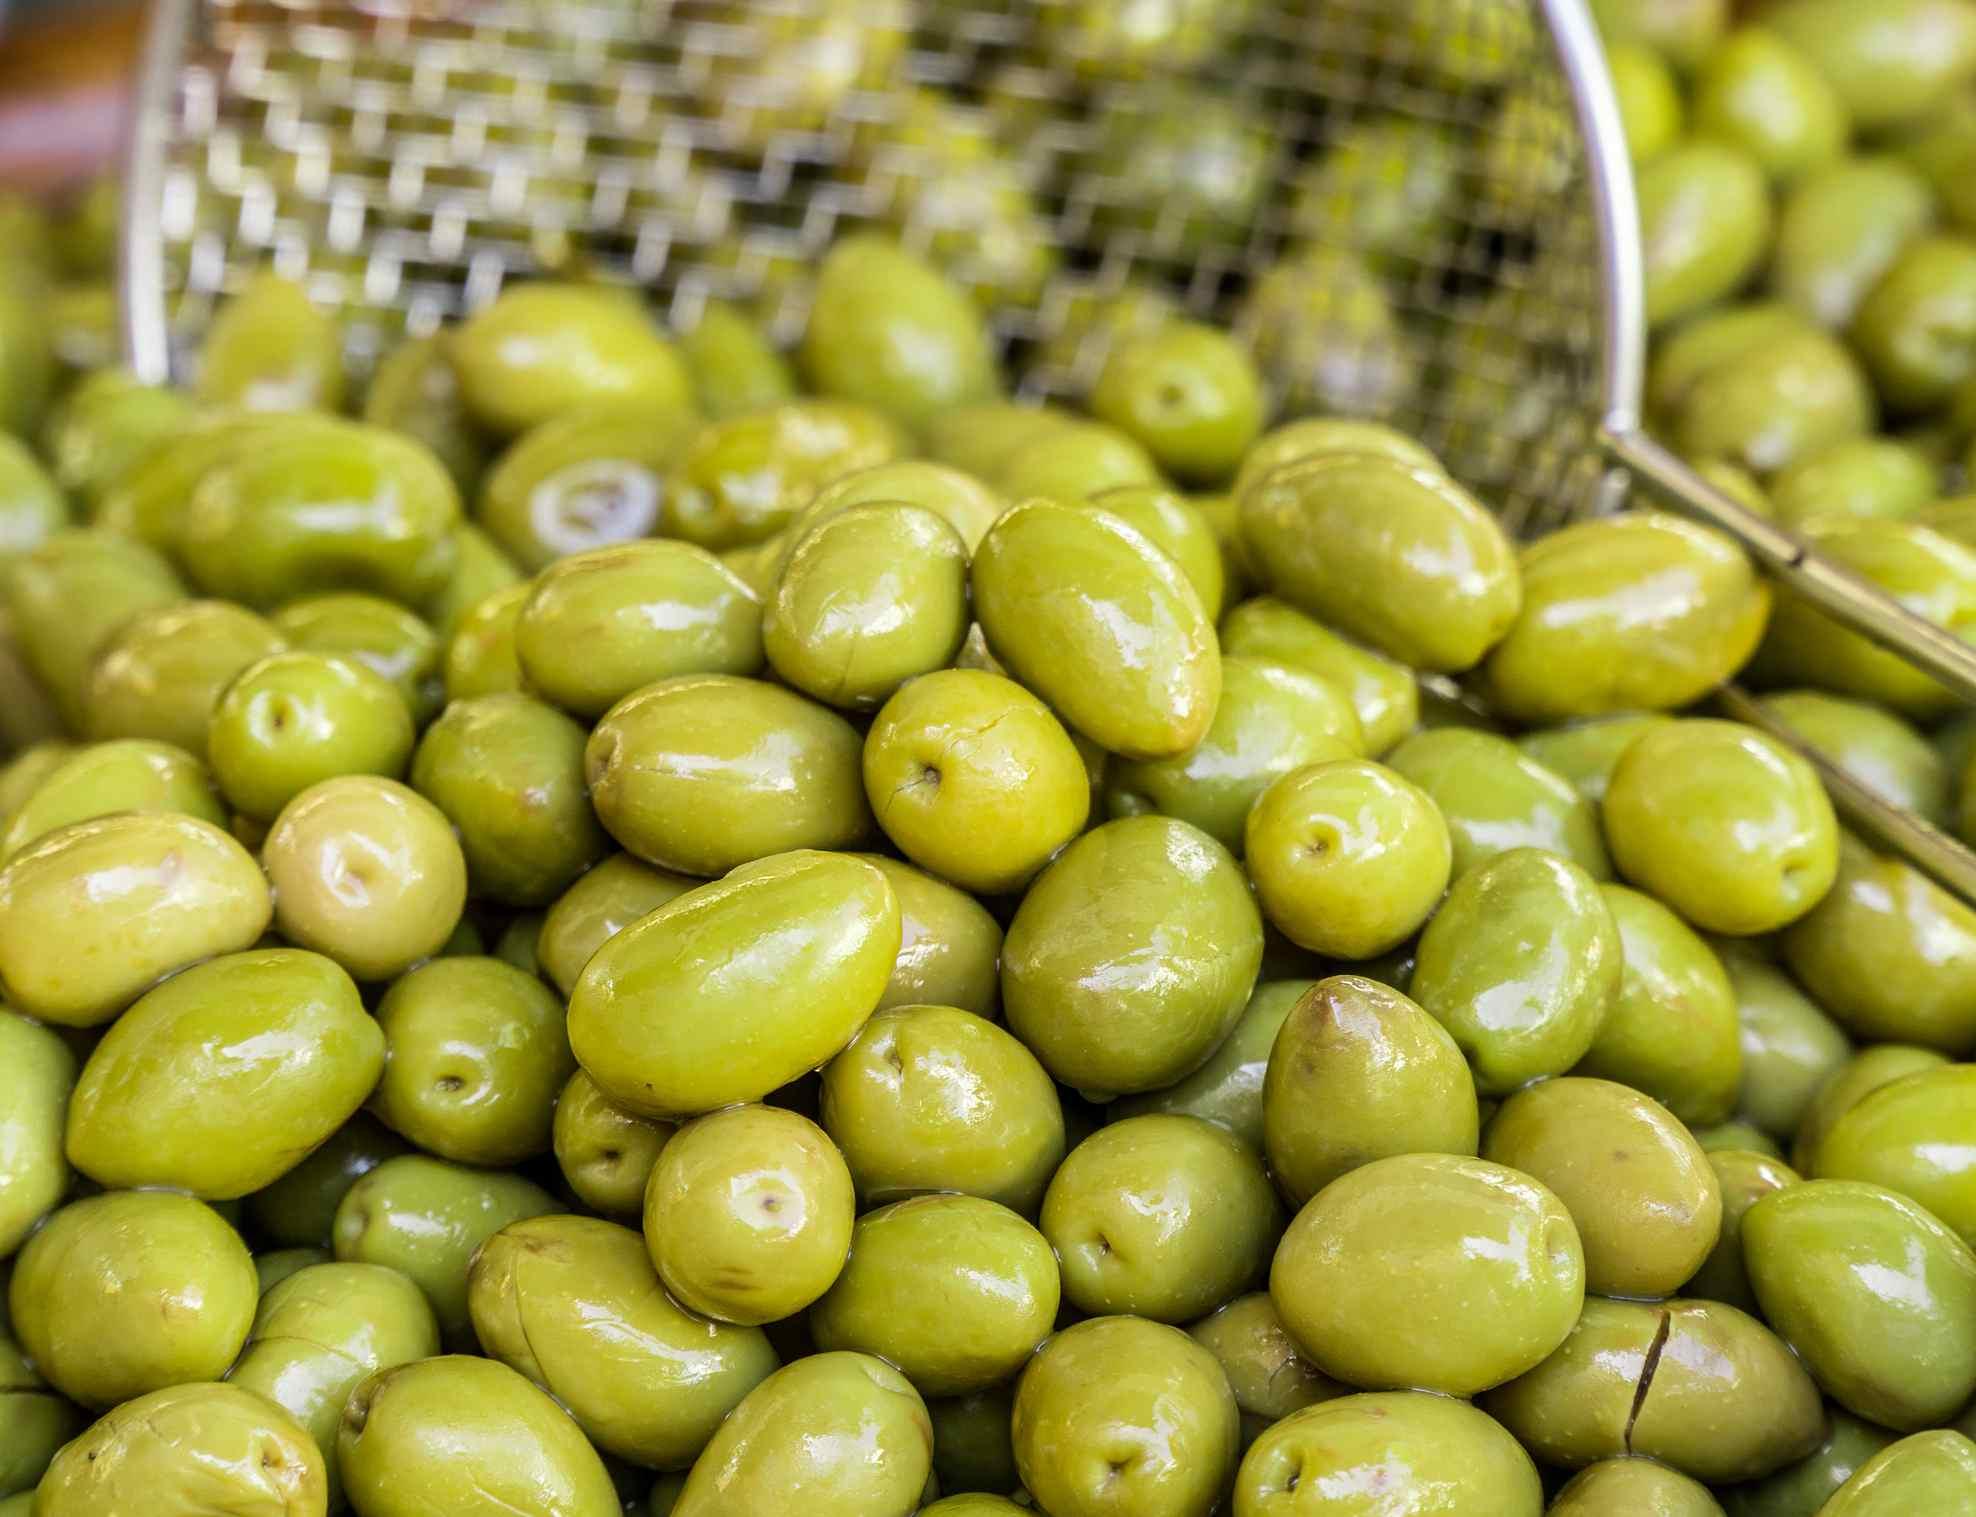 Tunisie : A cause de la chute des prix de vente des olives, des agriculteurs protestent à Sidi Bouzid